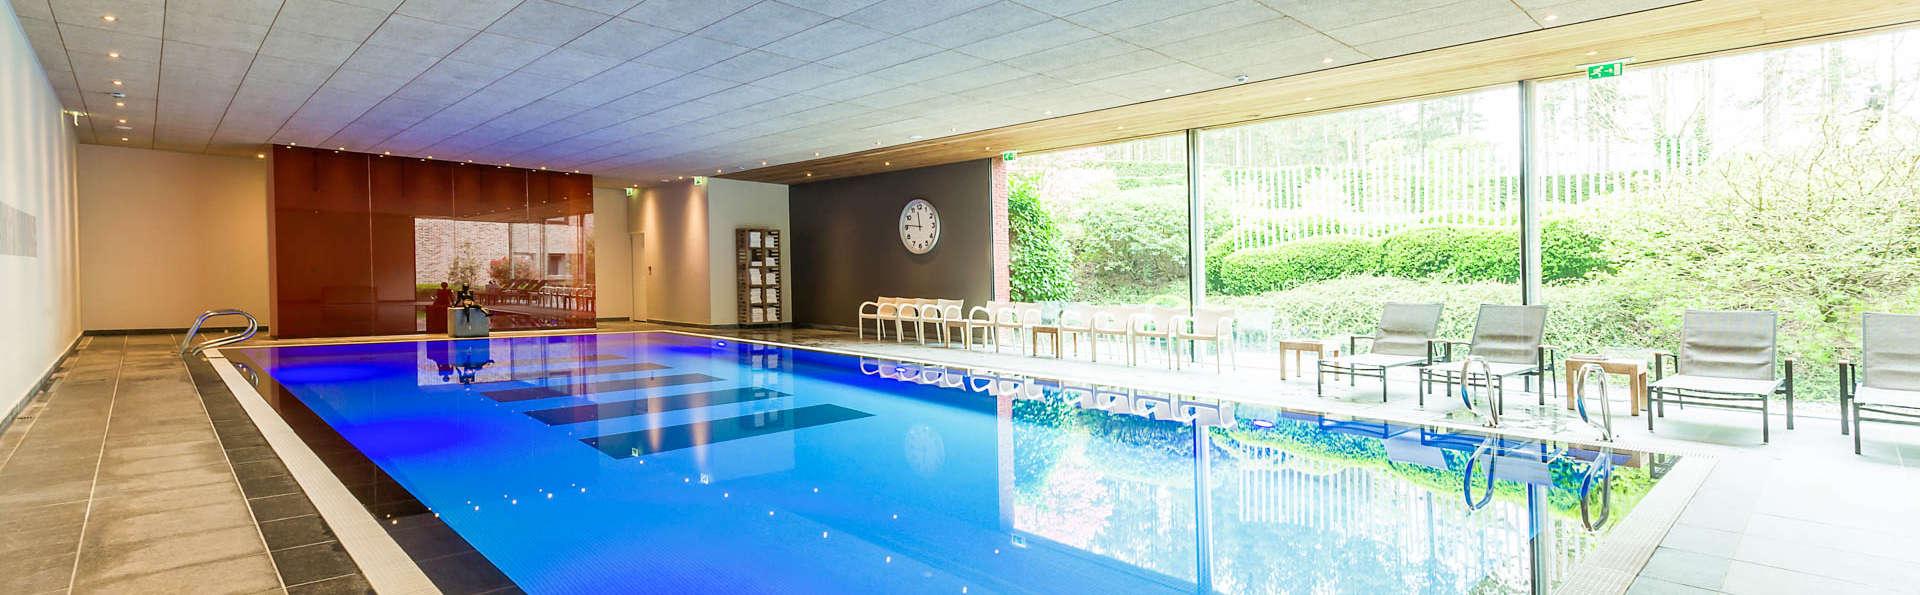 Détente et luxe dans un hôtel charmant au Limbourg